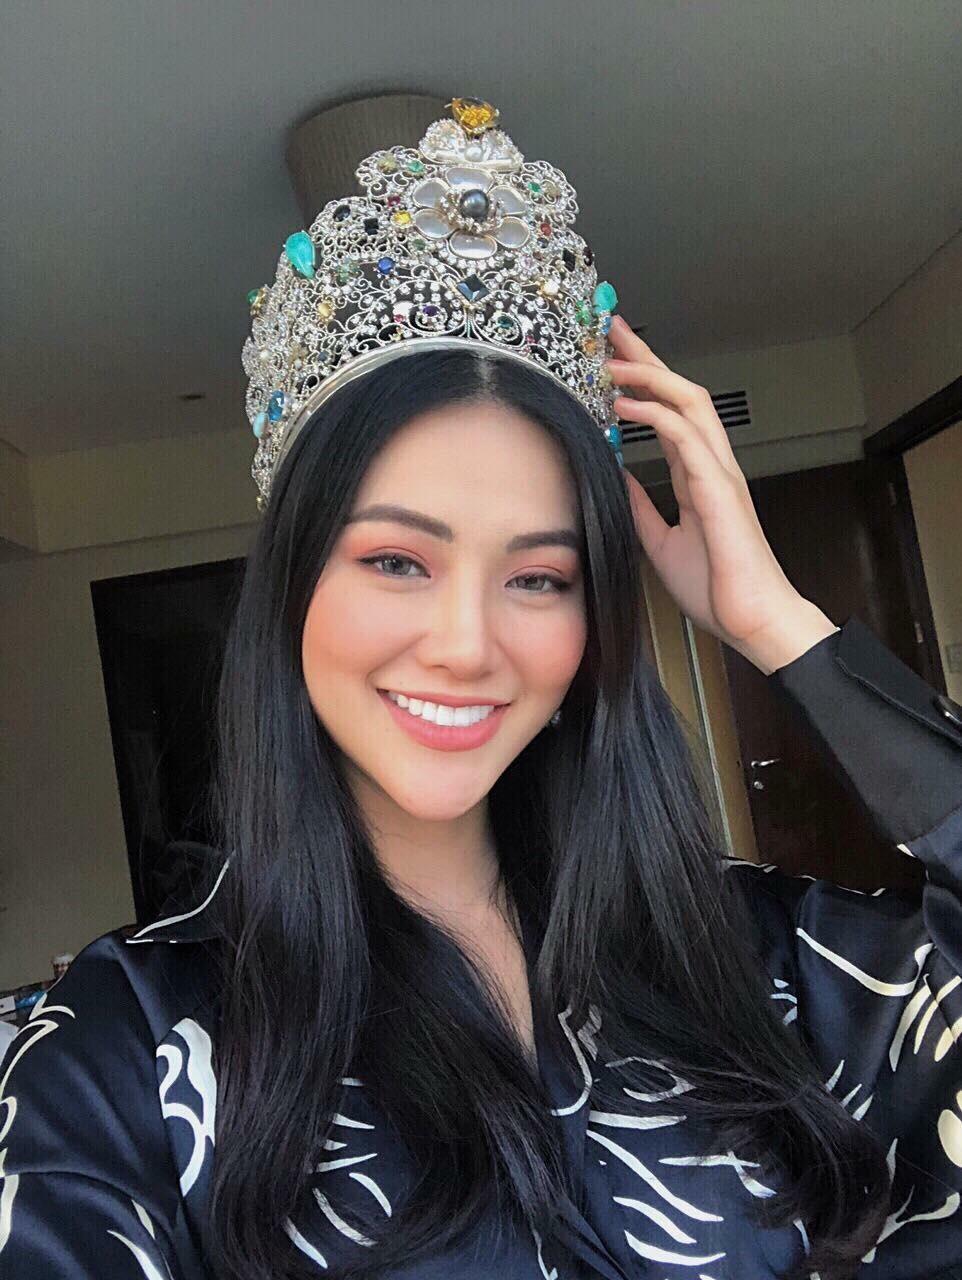 Anh trai lên tiếng giải oan cho Hoa hậu Phương Khánh khi bị chê mỗi ngày một gương mặt - Hình 5